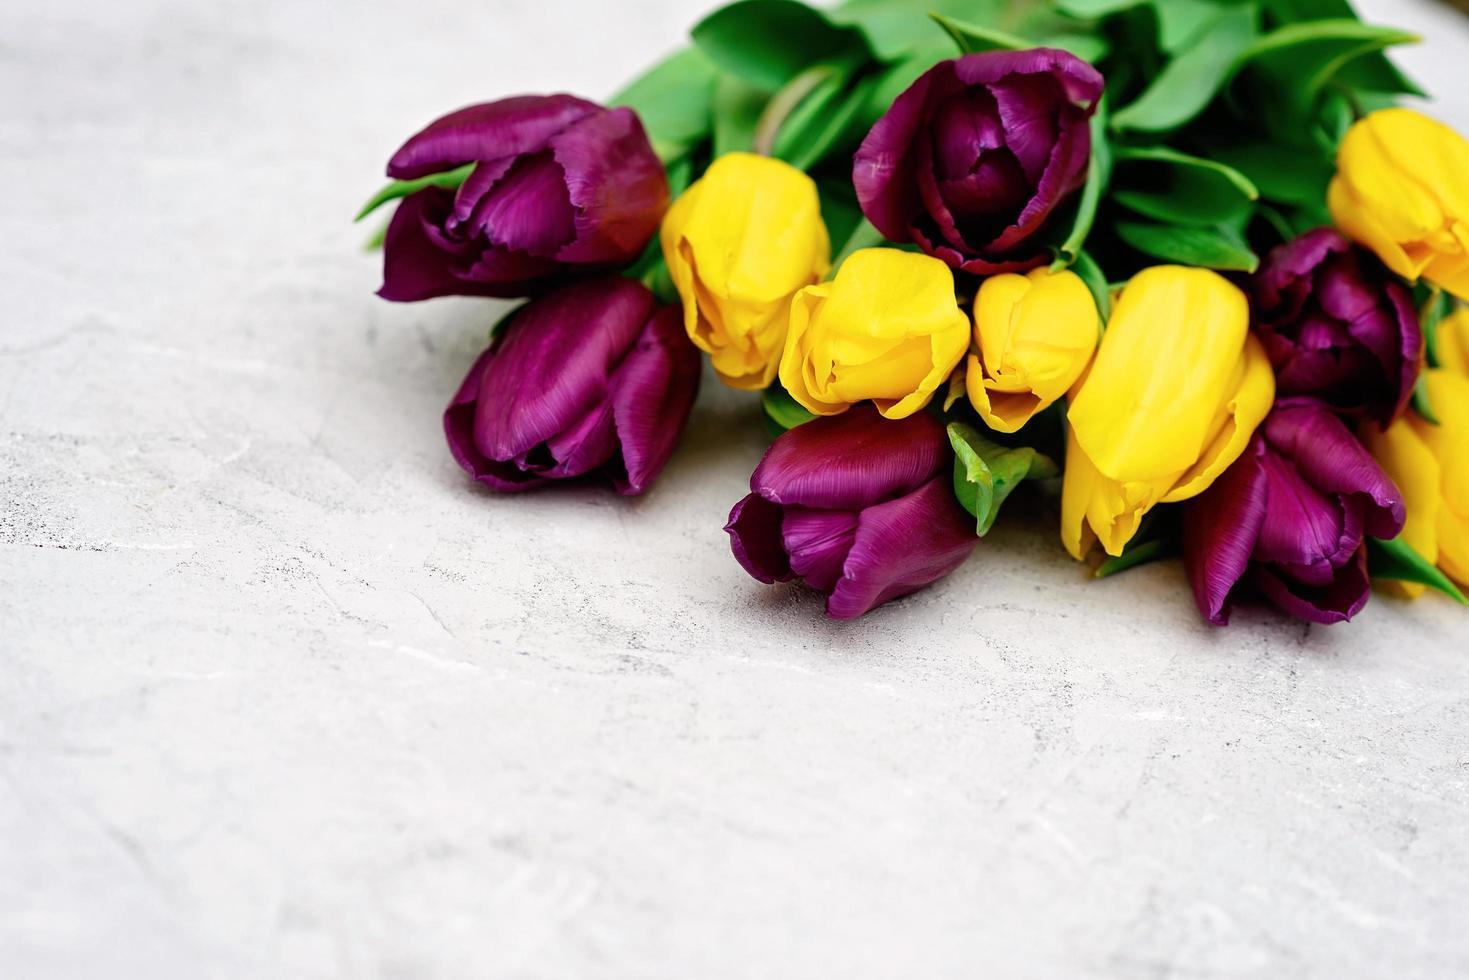 ramo de flores de tulipán de primavera púrpura y amarillo sobre un fondo claro de cerca. copie el espacio. día de la Madre. día Internacional de la Mujer. foto